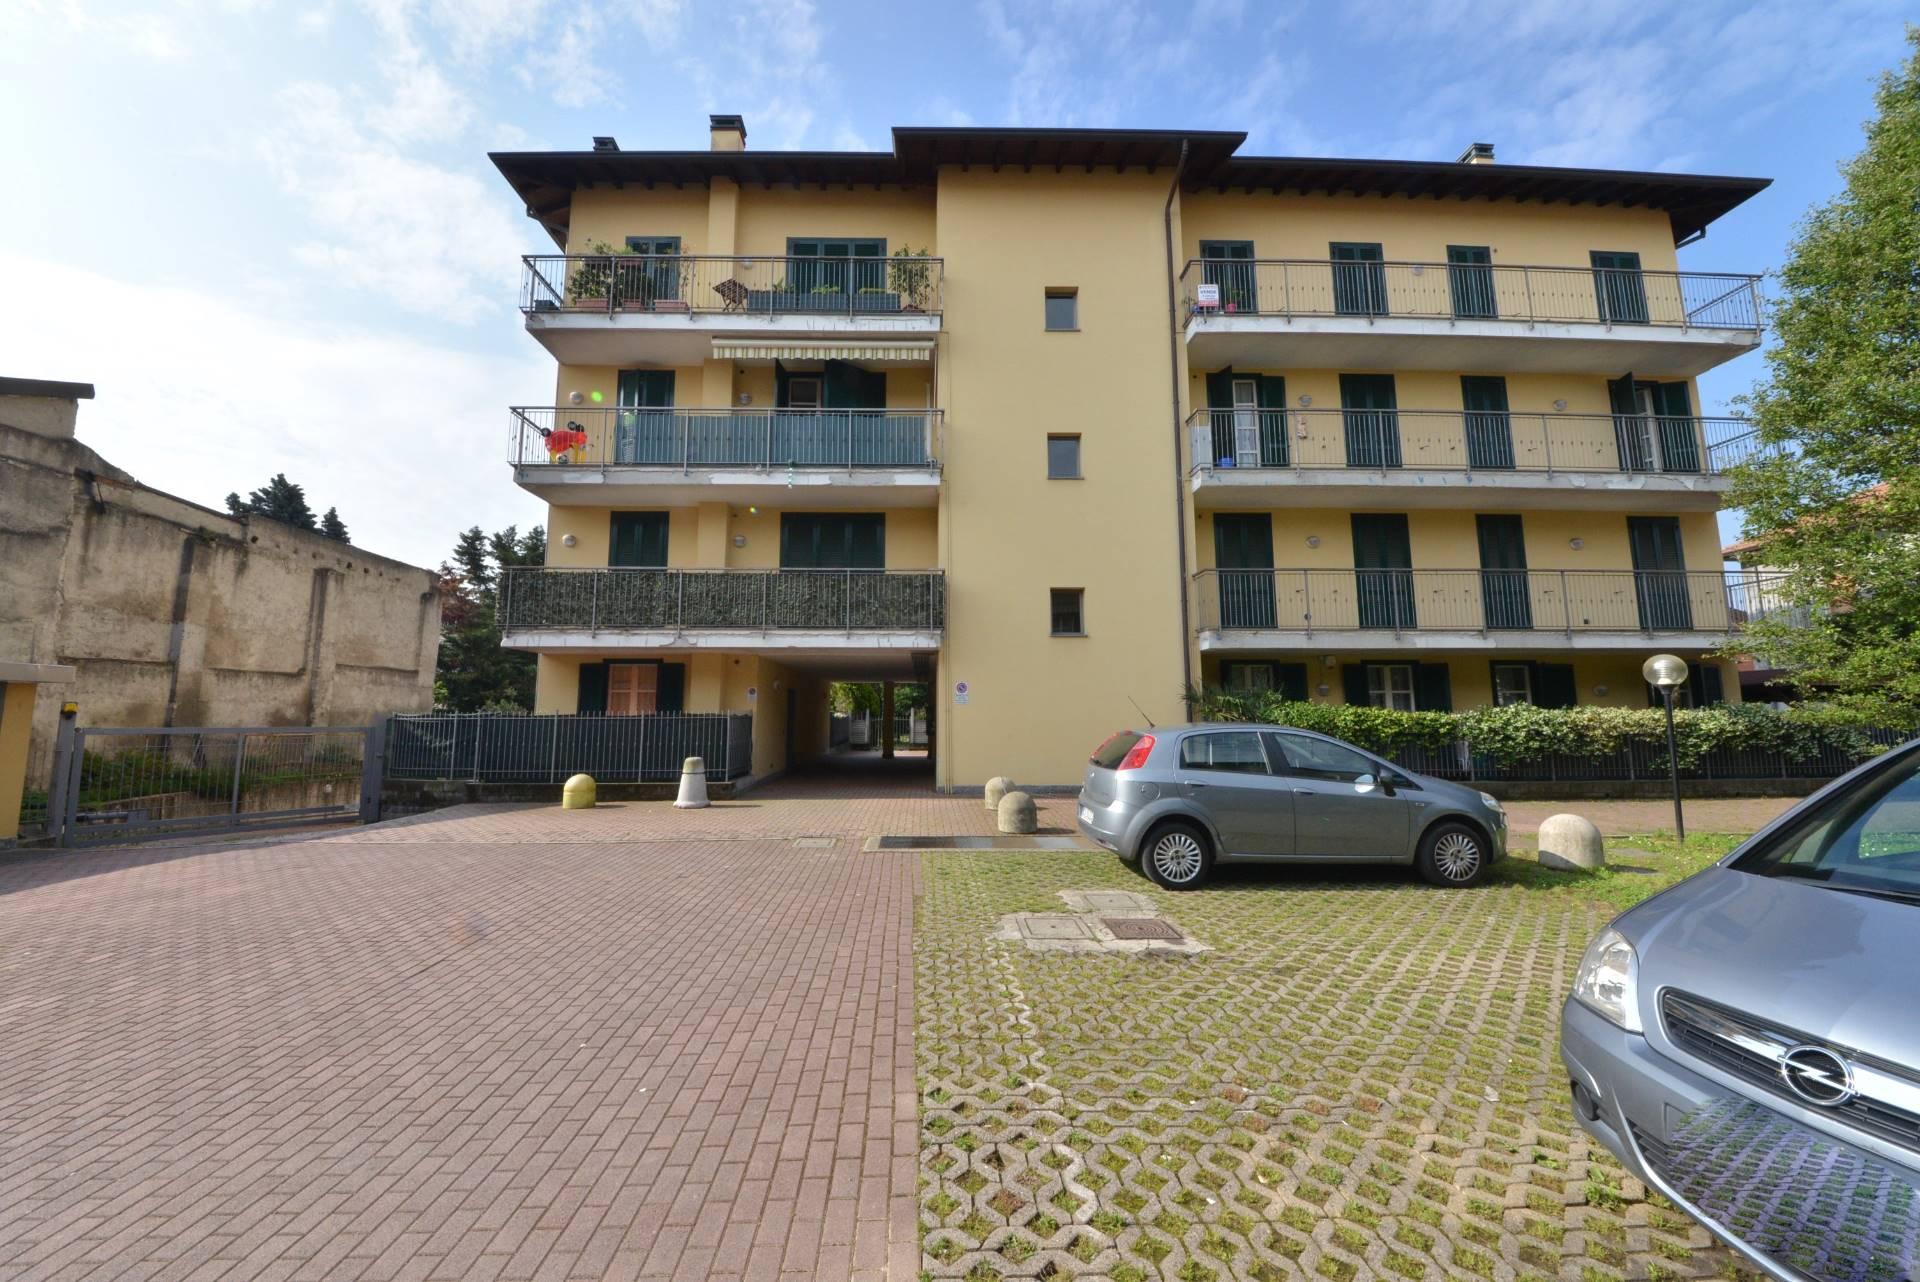 Appartamento in vendita a Ceriano Laghetto, 3 locali, prezzo € 155.000 | Cambio Casa.it